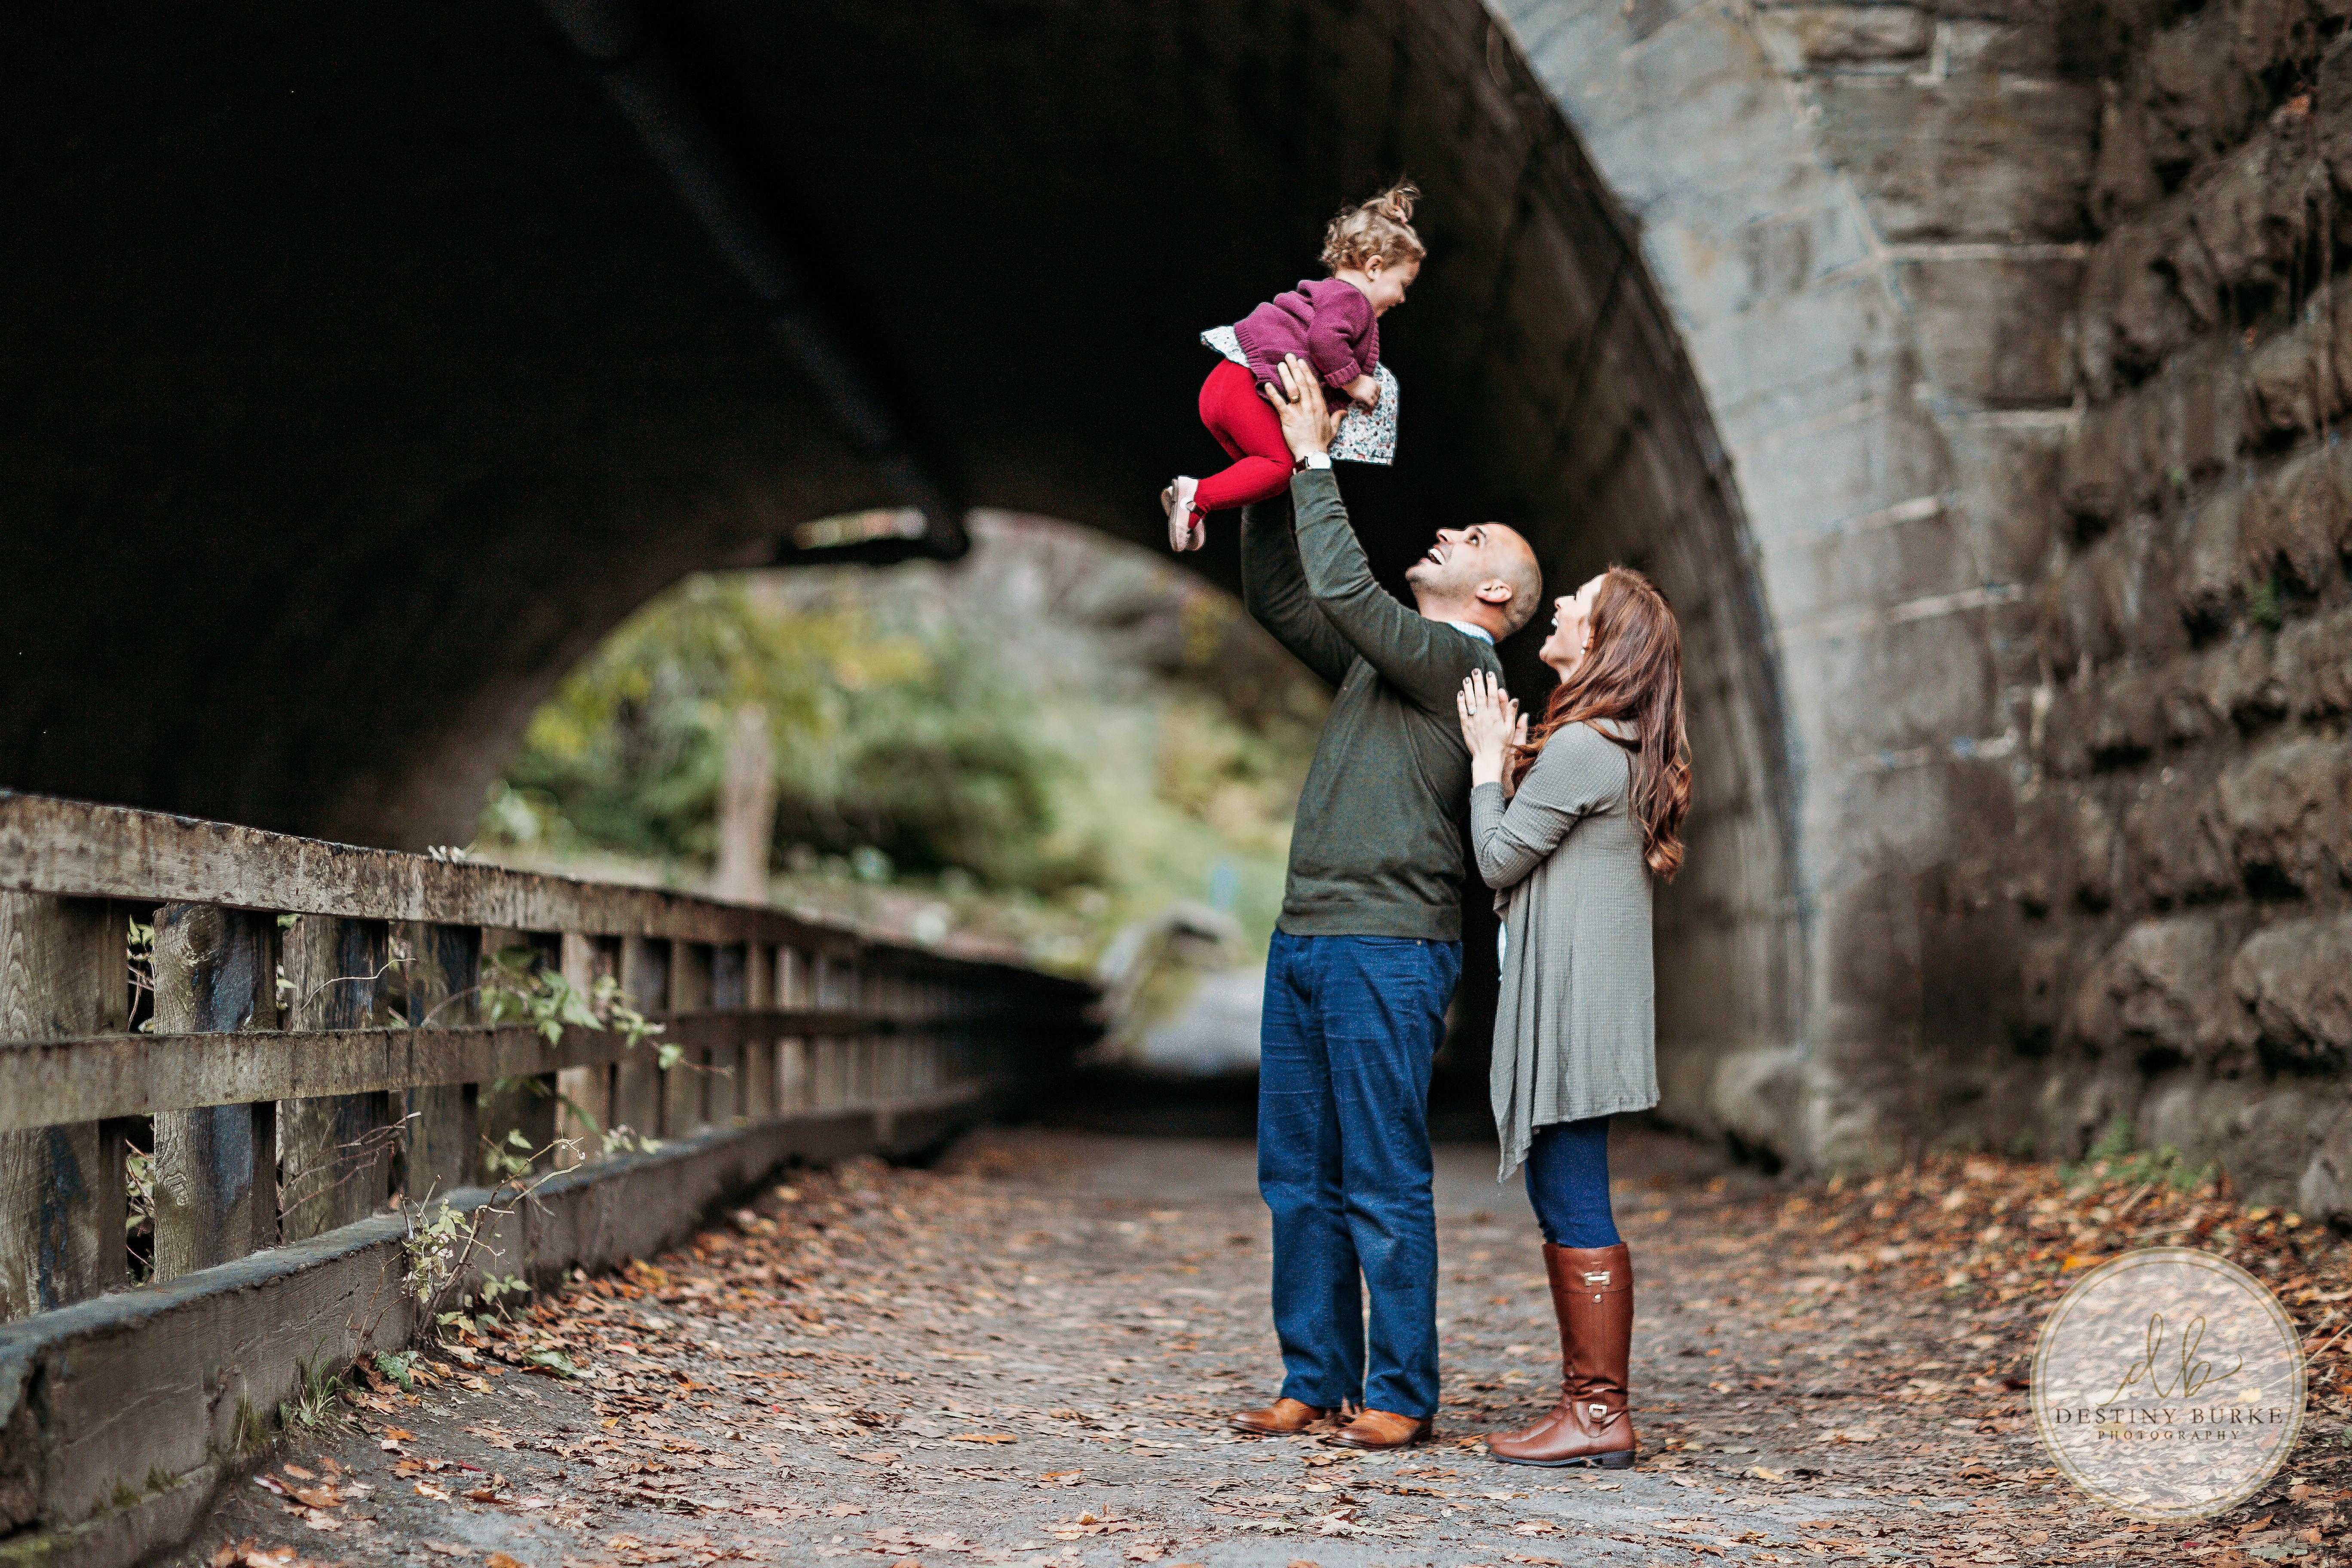 Family Photography Corbetts Glen Rochester, NY Photographer